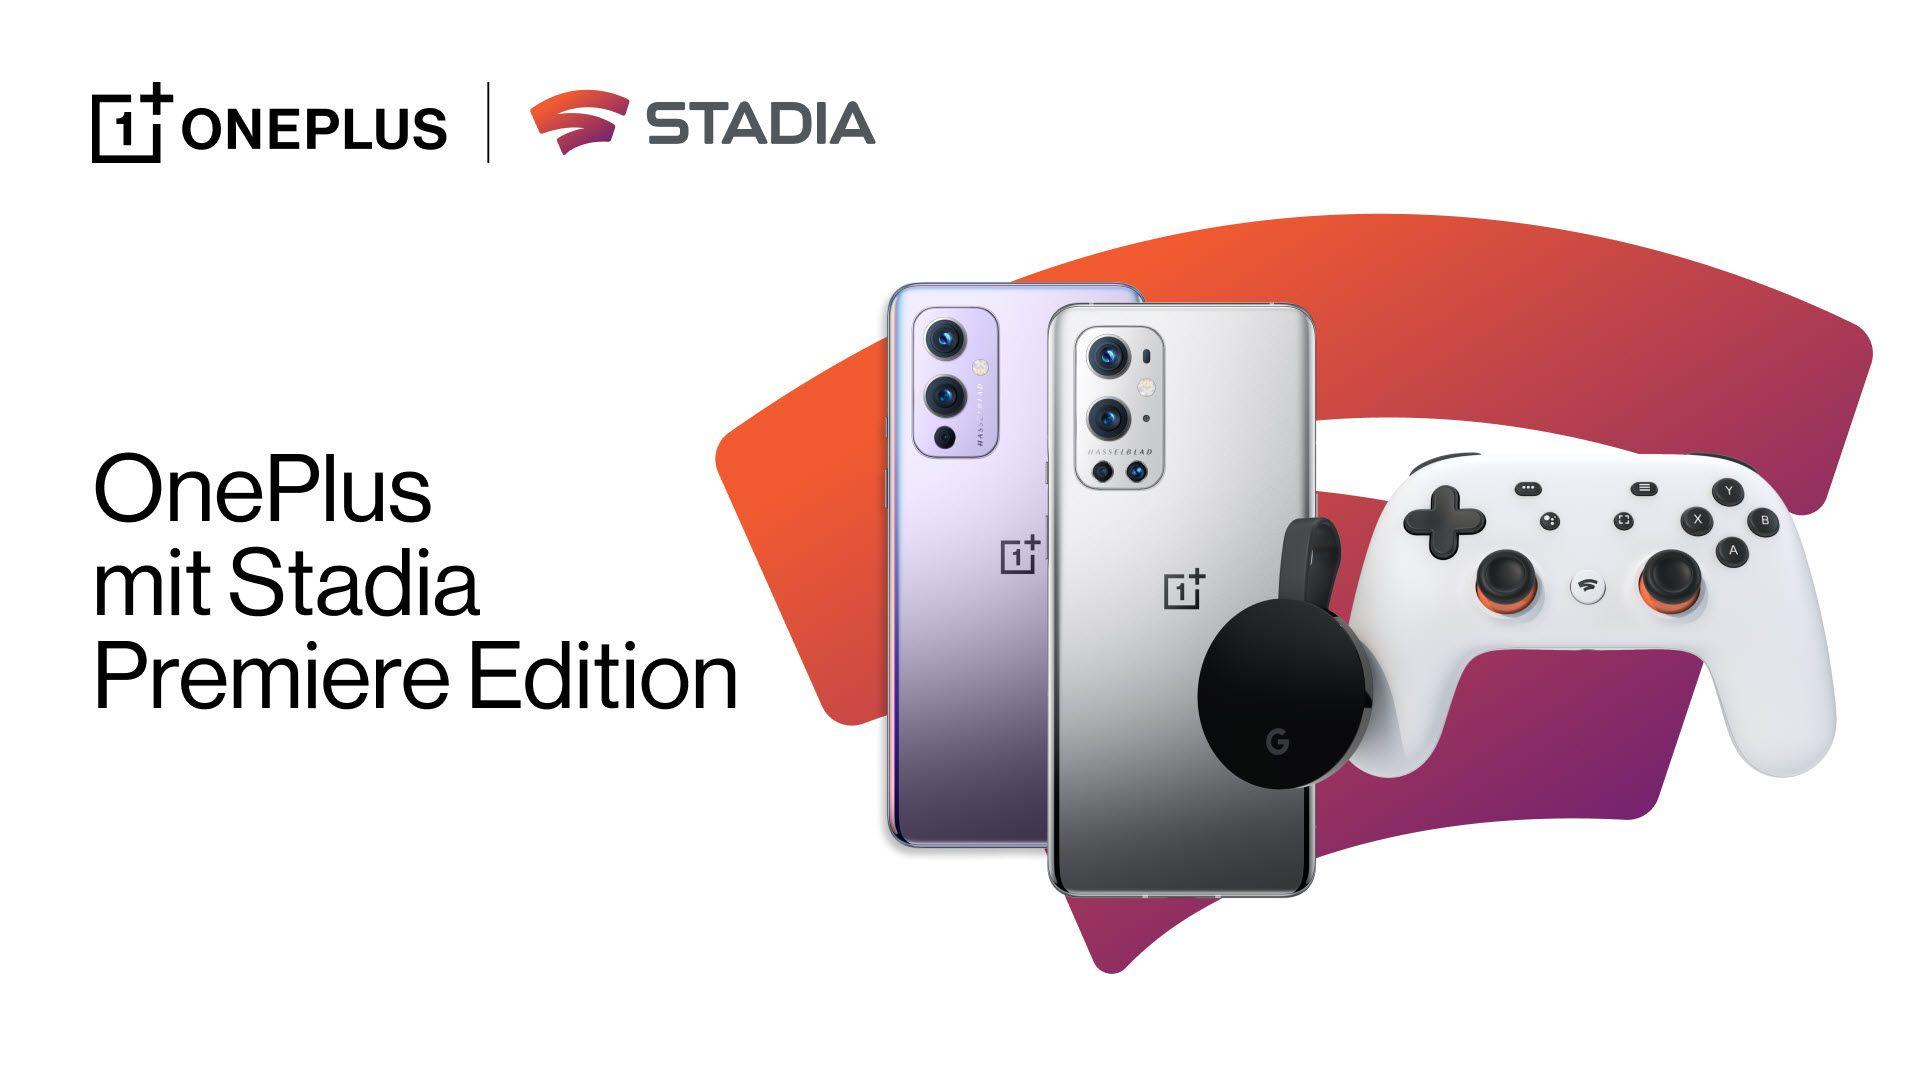 Stadia Premiere Edition kostenlos bei Kauf eines OnePlus Smartphones